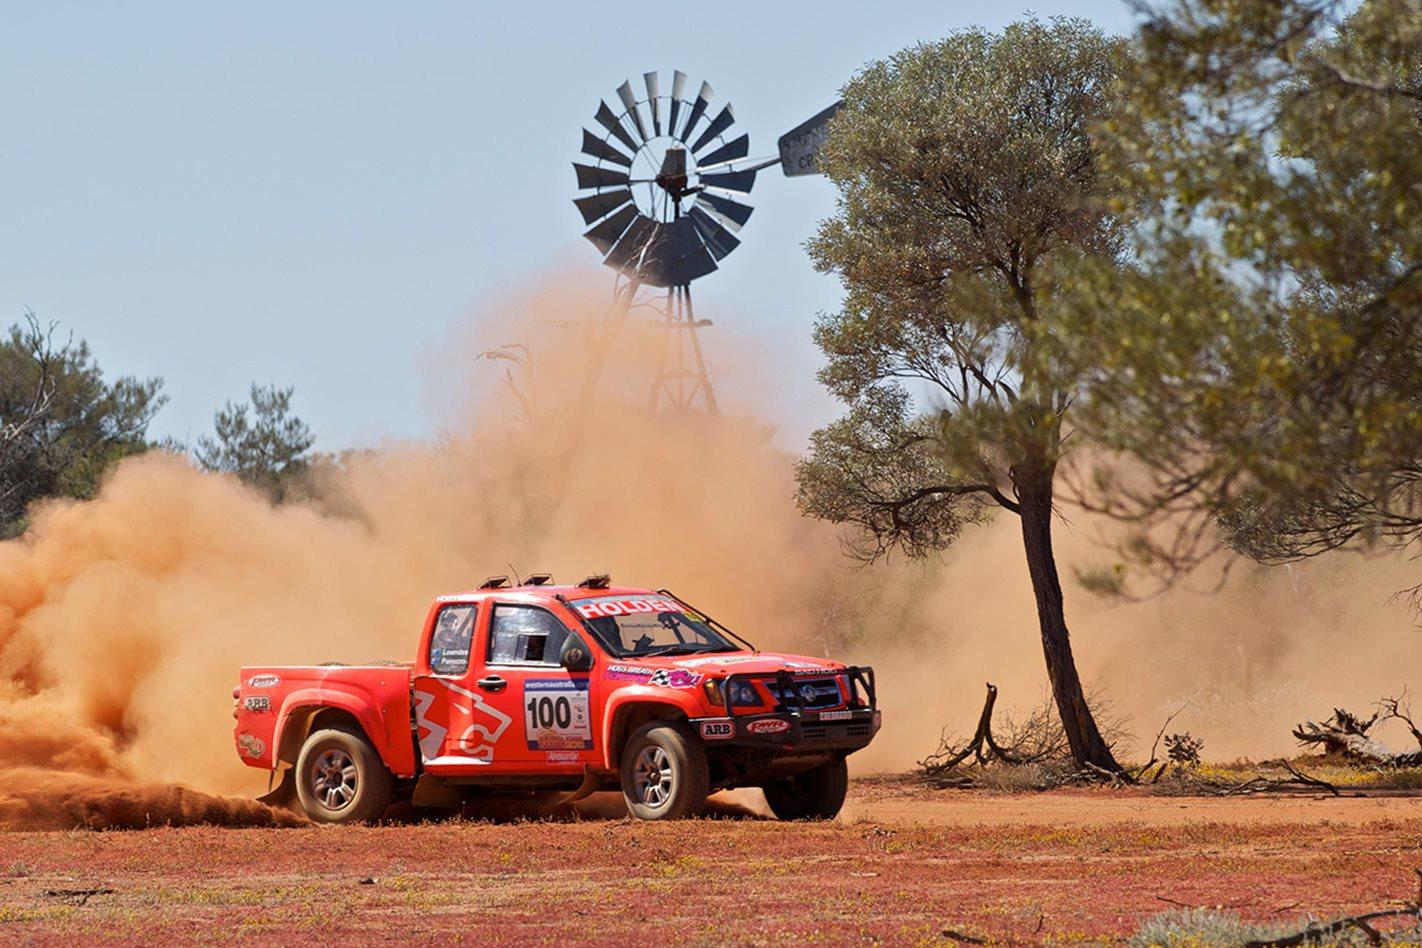 Holden-Rally-Team-Colorado-V8-custom-offroad.jpg